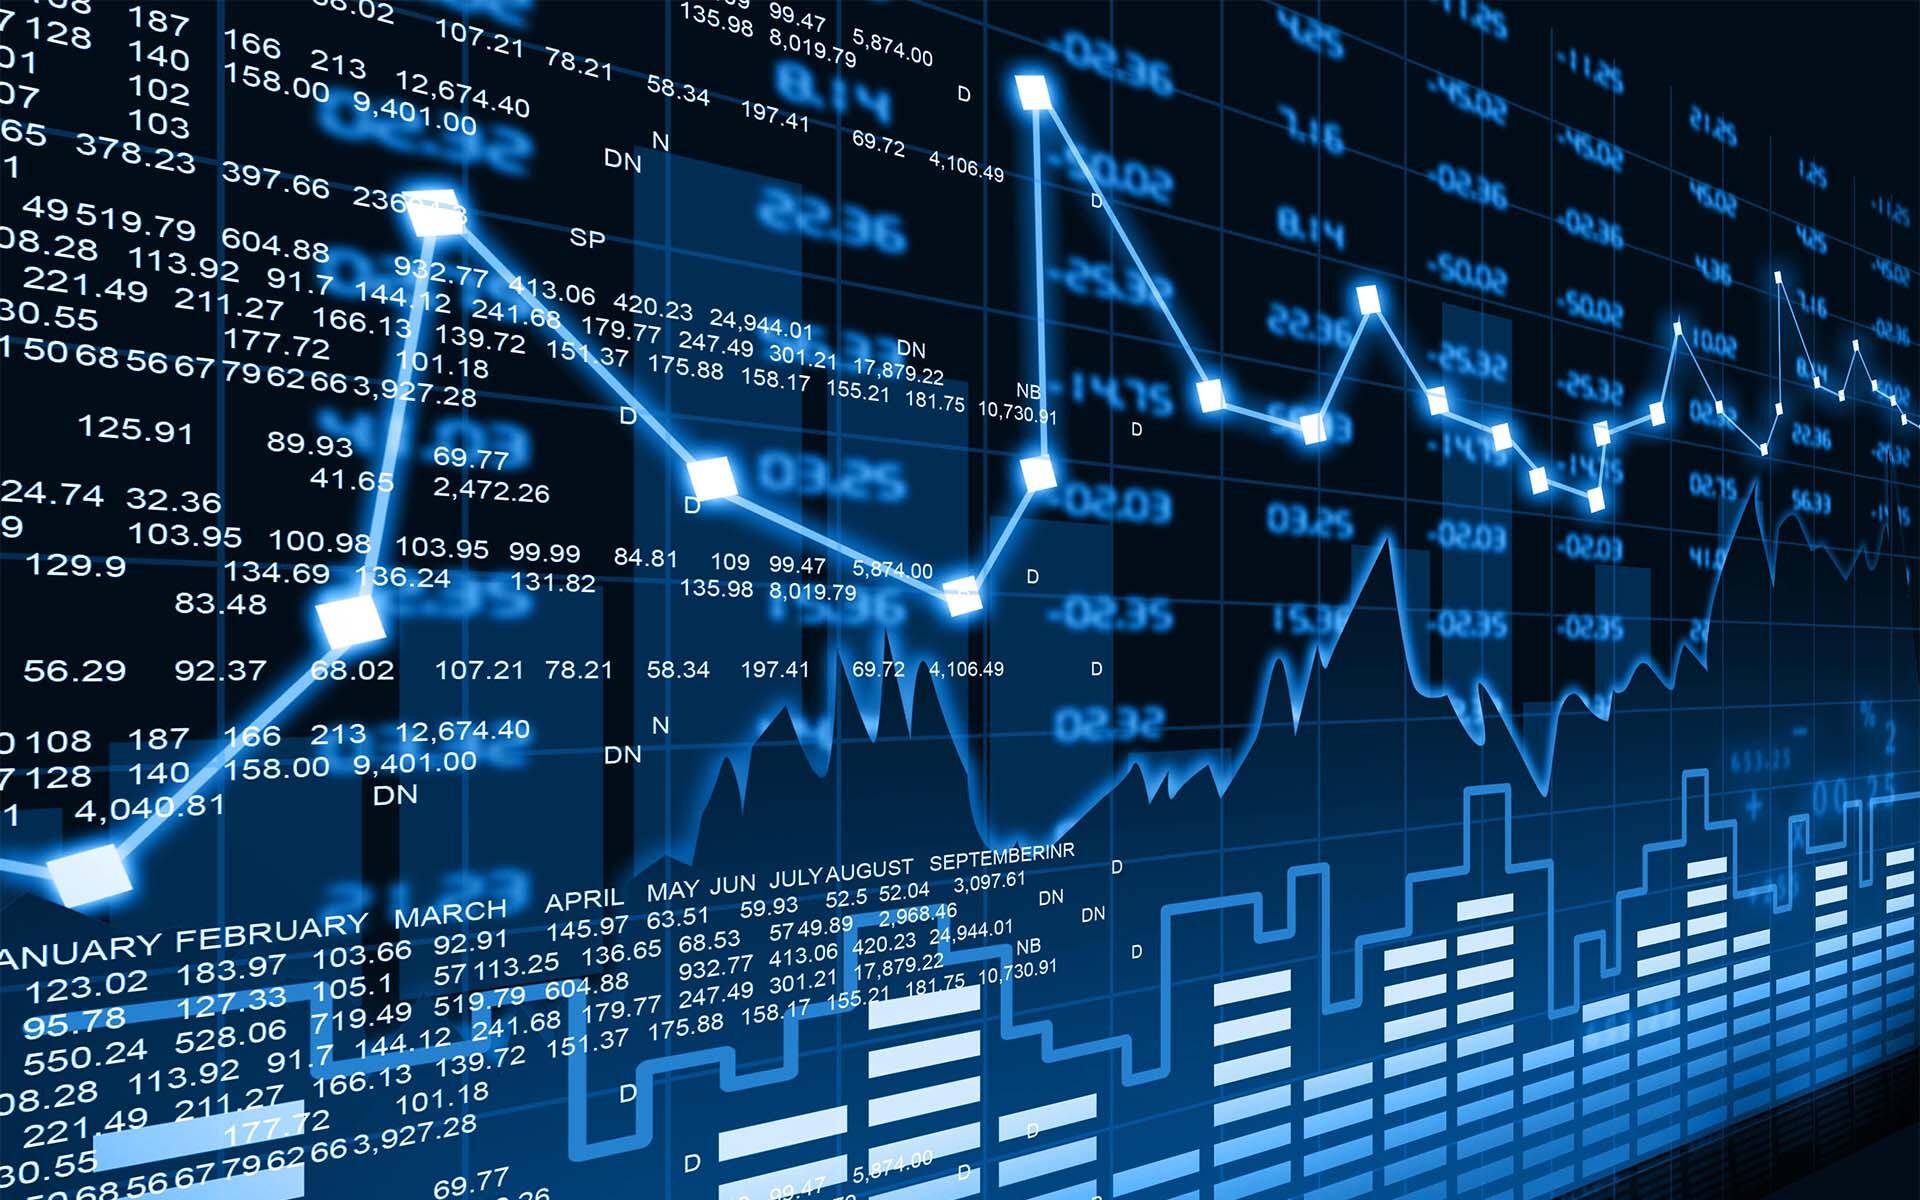 Kako ljuljati trgovinu kriptovalutama